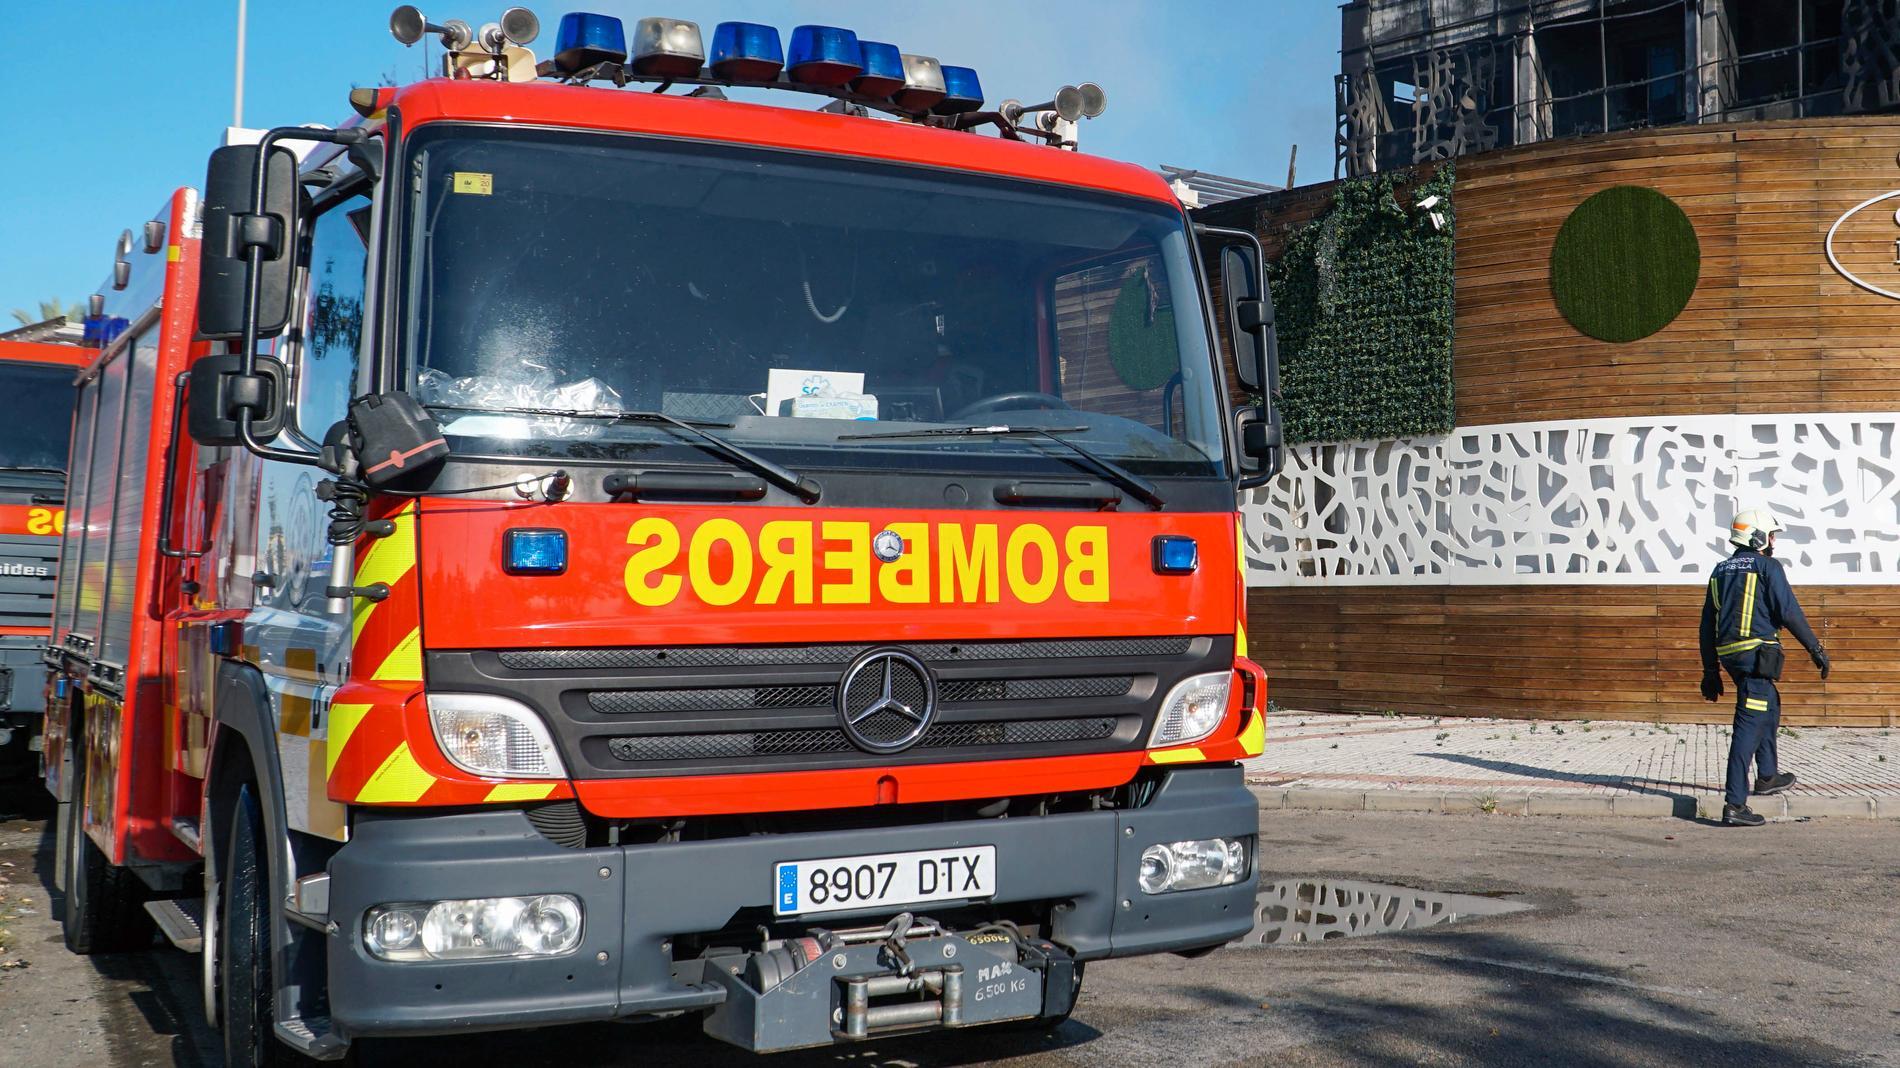 Brandkåren befarar att branden ska växa. Arkivbild.